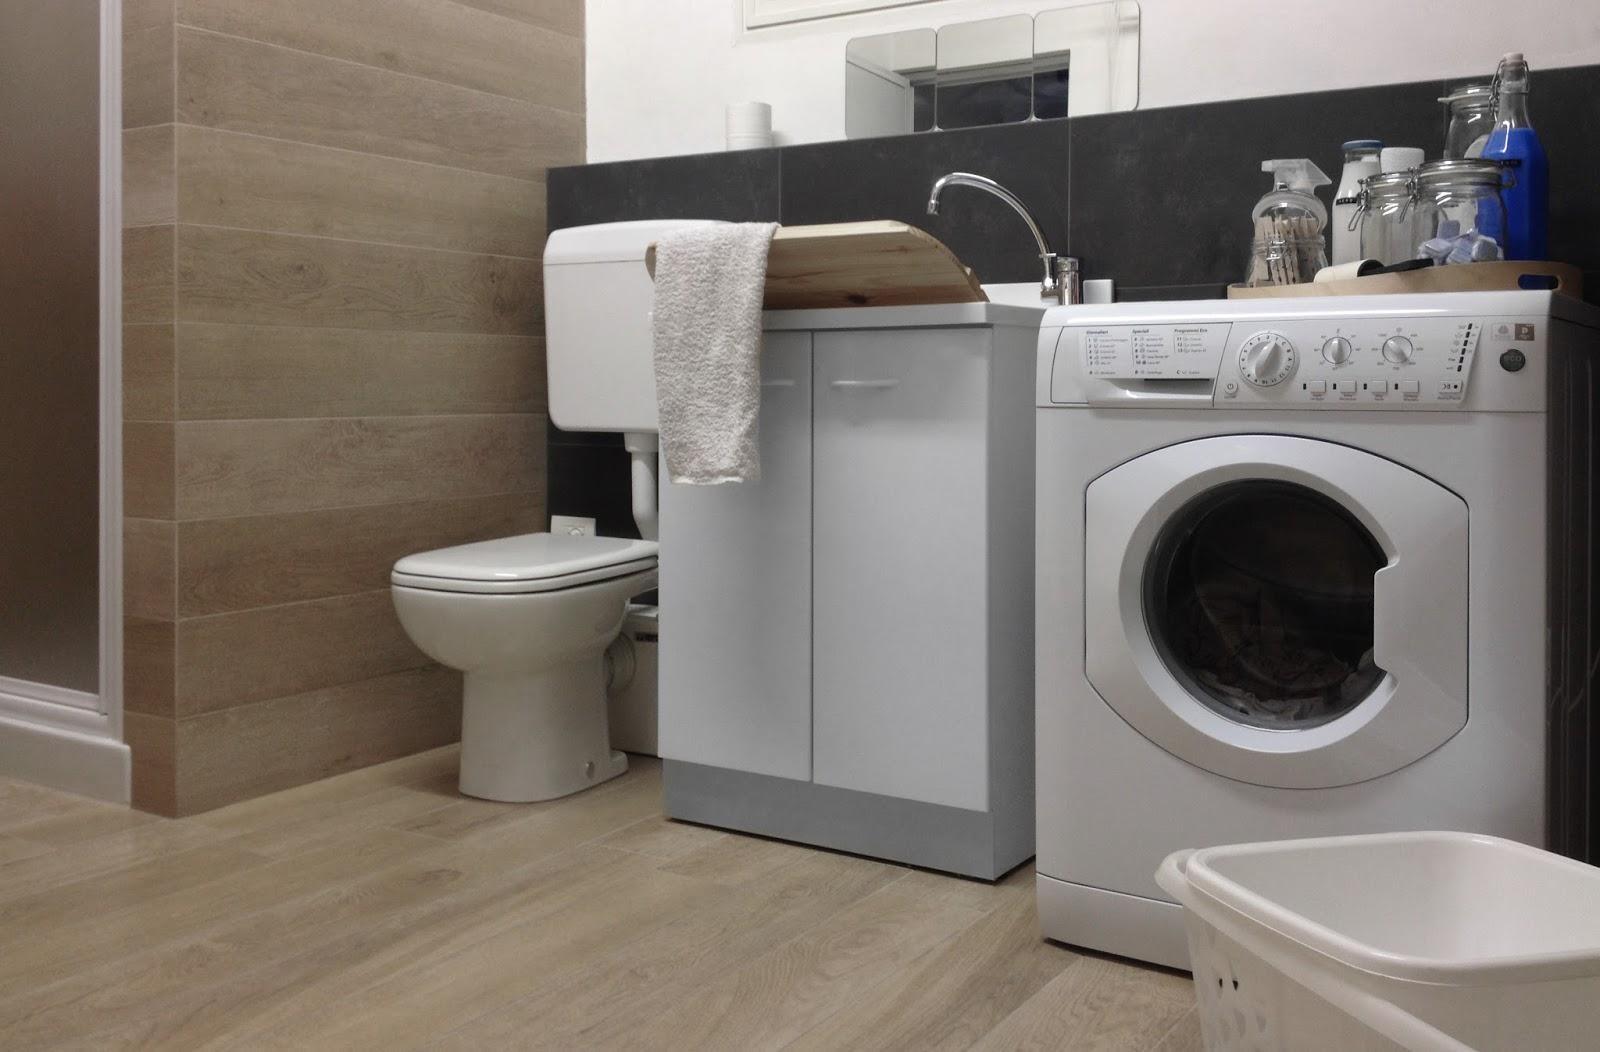 Bagno con lavanderia ikea bagno lavanderia ikea comarg com con